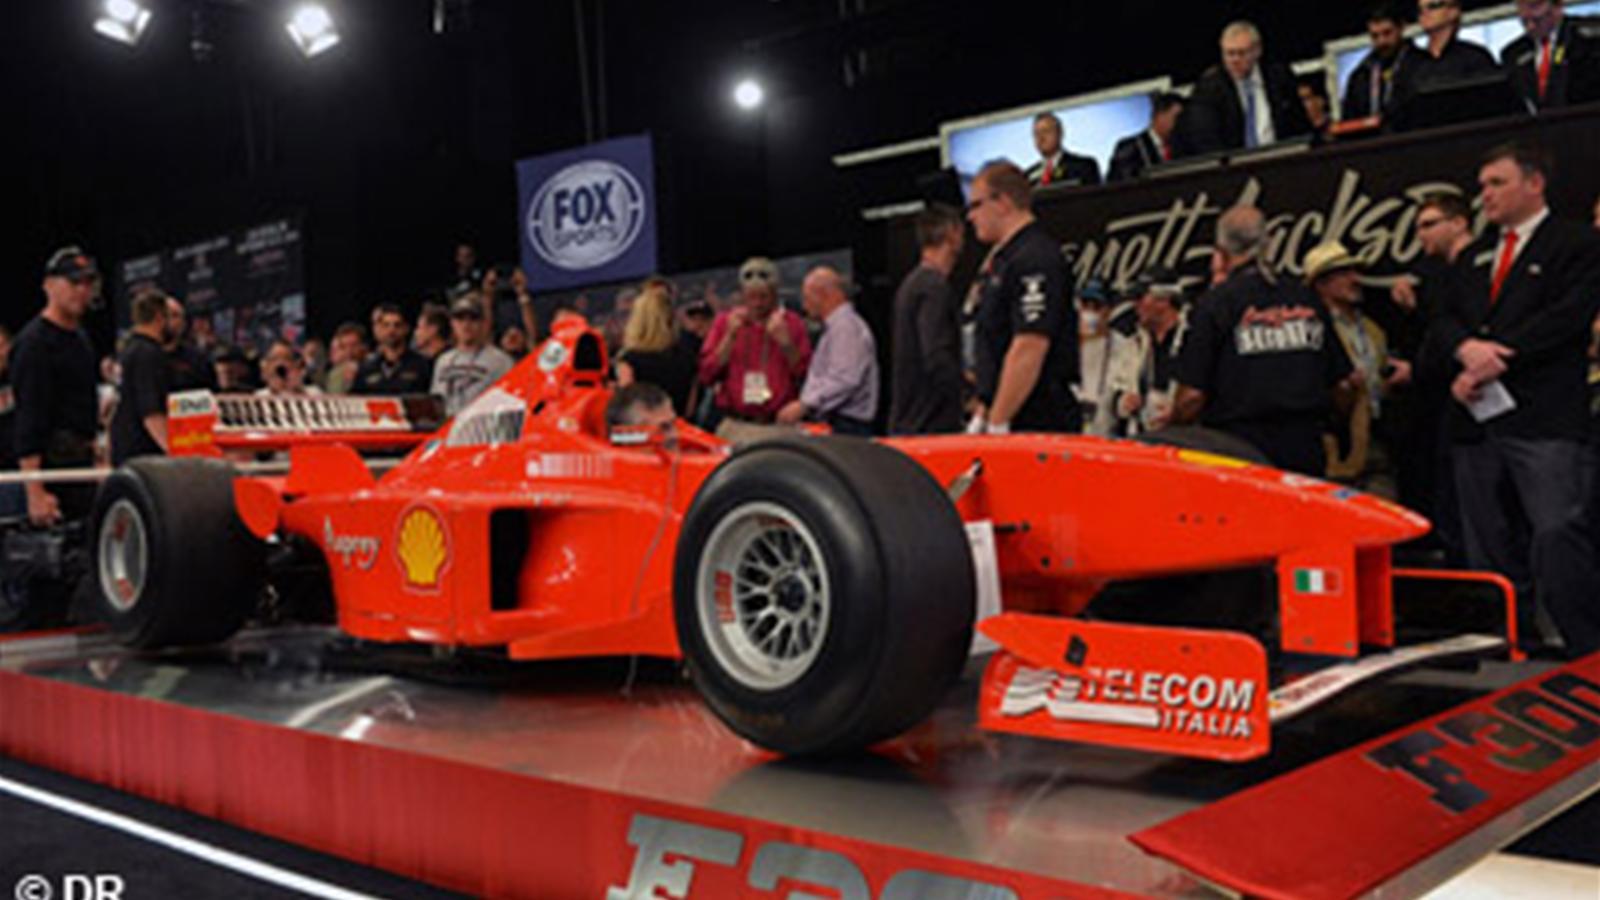 Une ancienne ferrari de schumacher vendue aux ench res formule 1 eurosport - Formule vitesse de coupe ...